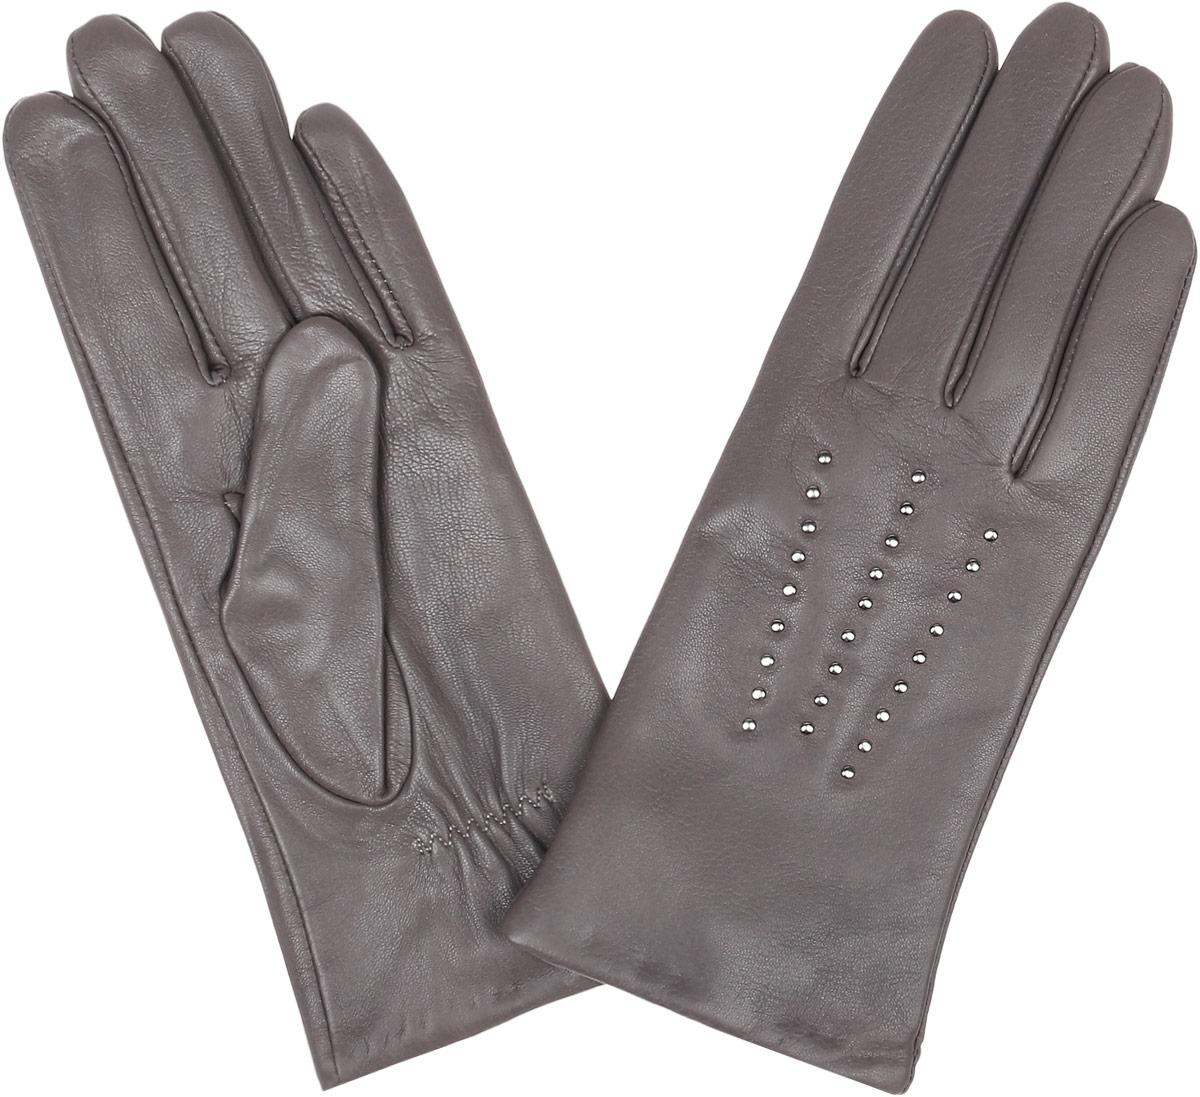 Перчатки15.1-12_navyСтильные женские перчатки Fabretti не только защитят ваши руки, но и станут великолепным украшением. Перчатки выполнены из натуральной кожи ягненка, а их подкладка - из высококачественной шерсти с добавлением кашемира. Модель оформлена оригинальными металлическими клепками и дополнена строчками - стежками на запястье. Стильный аксессуар для повседневного образа.